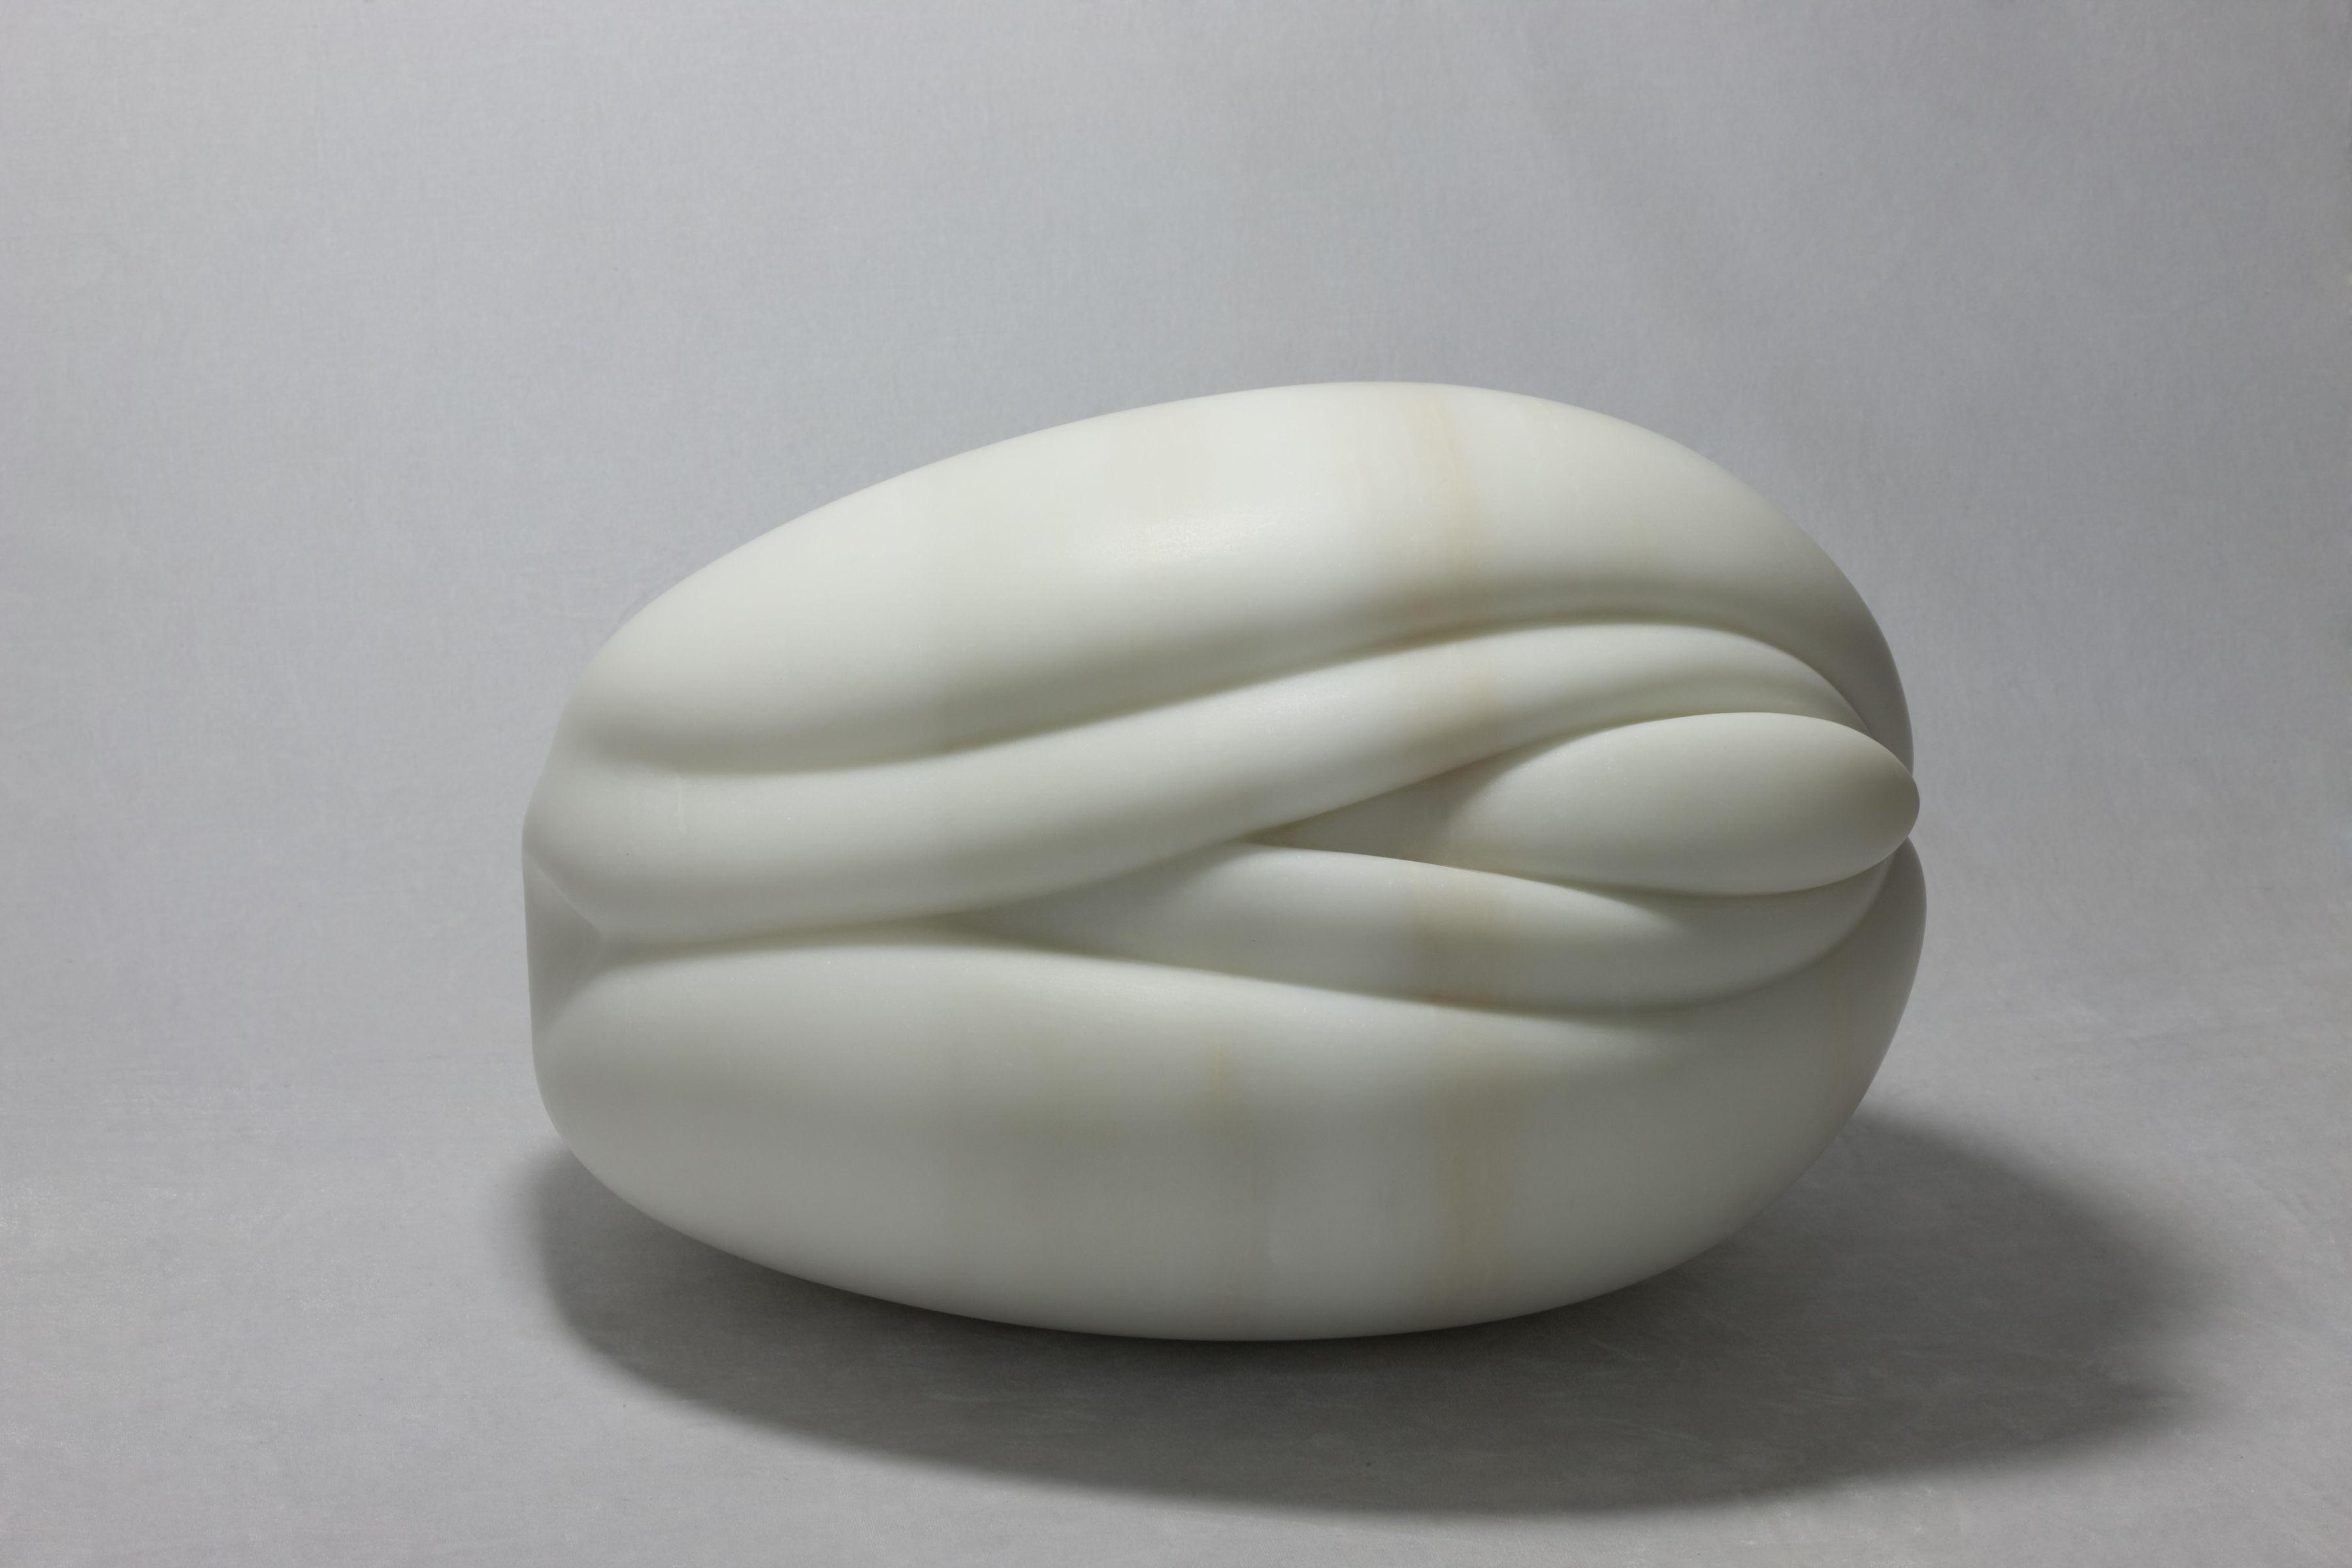 Turnipèåœ 2012 White marbleæ±‰ç™½çŽ‰